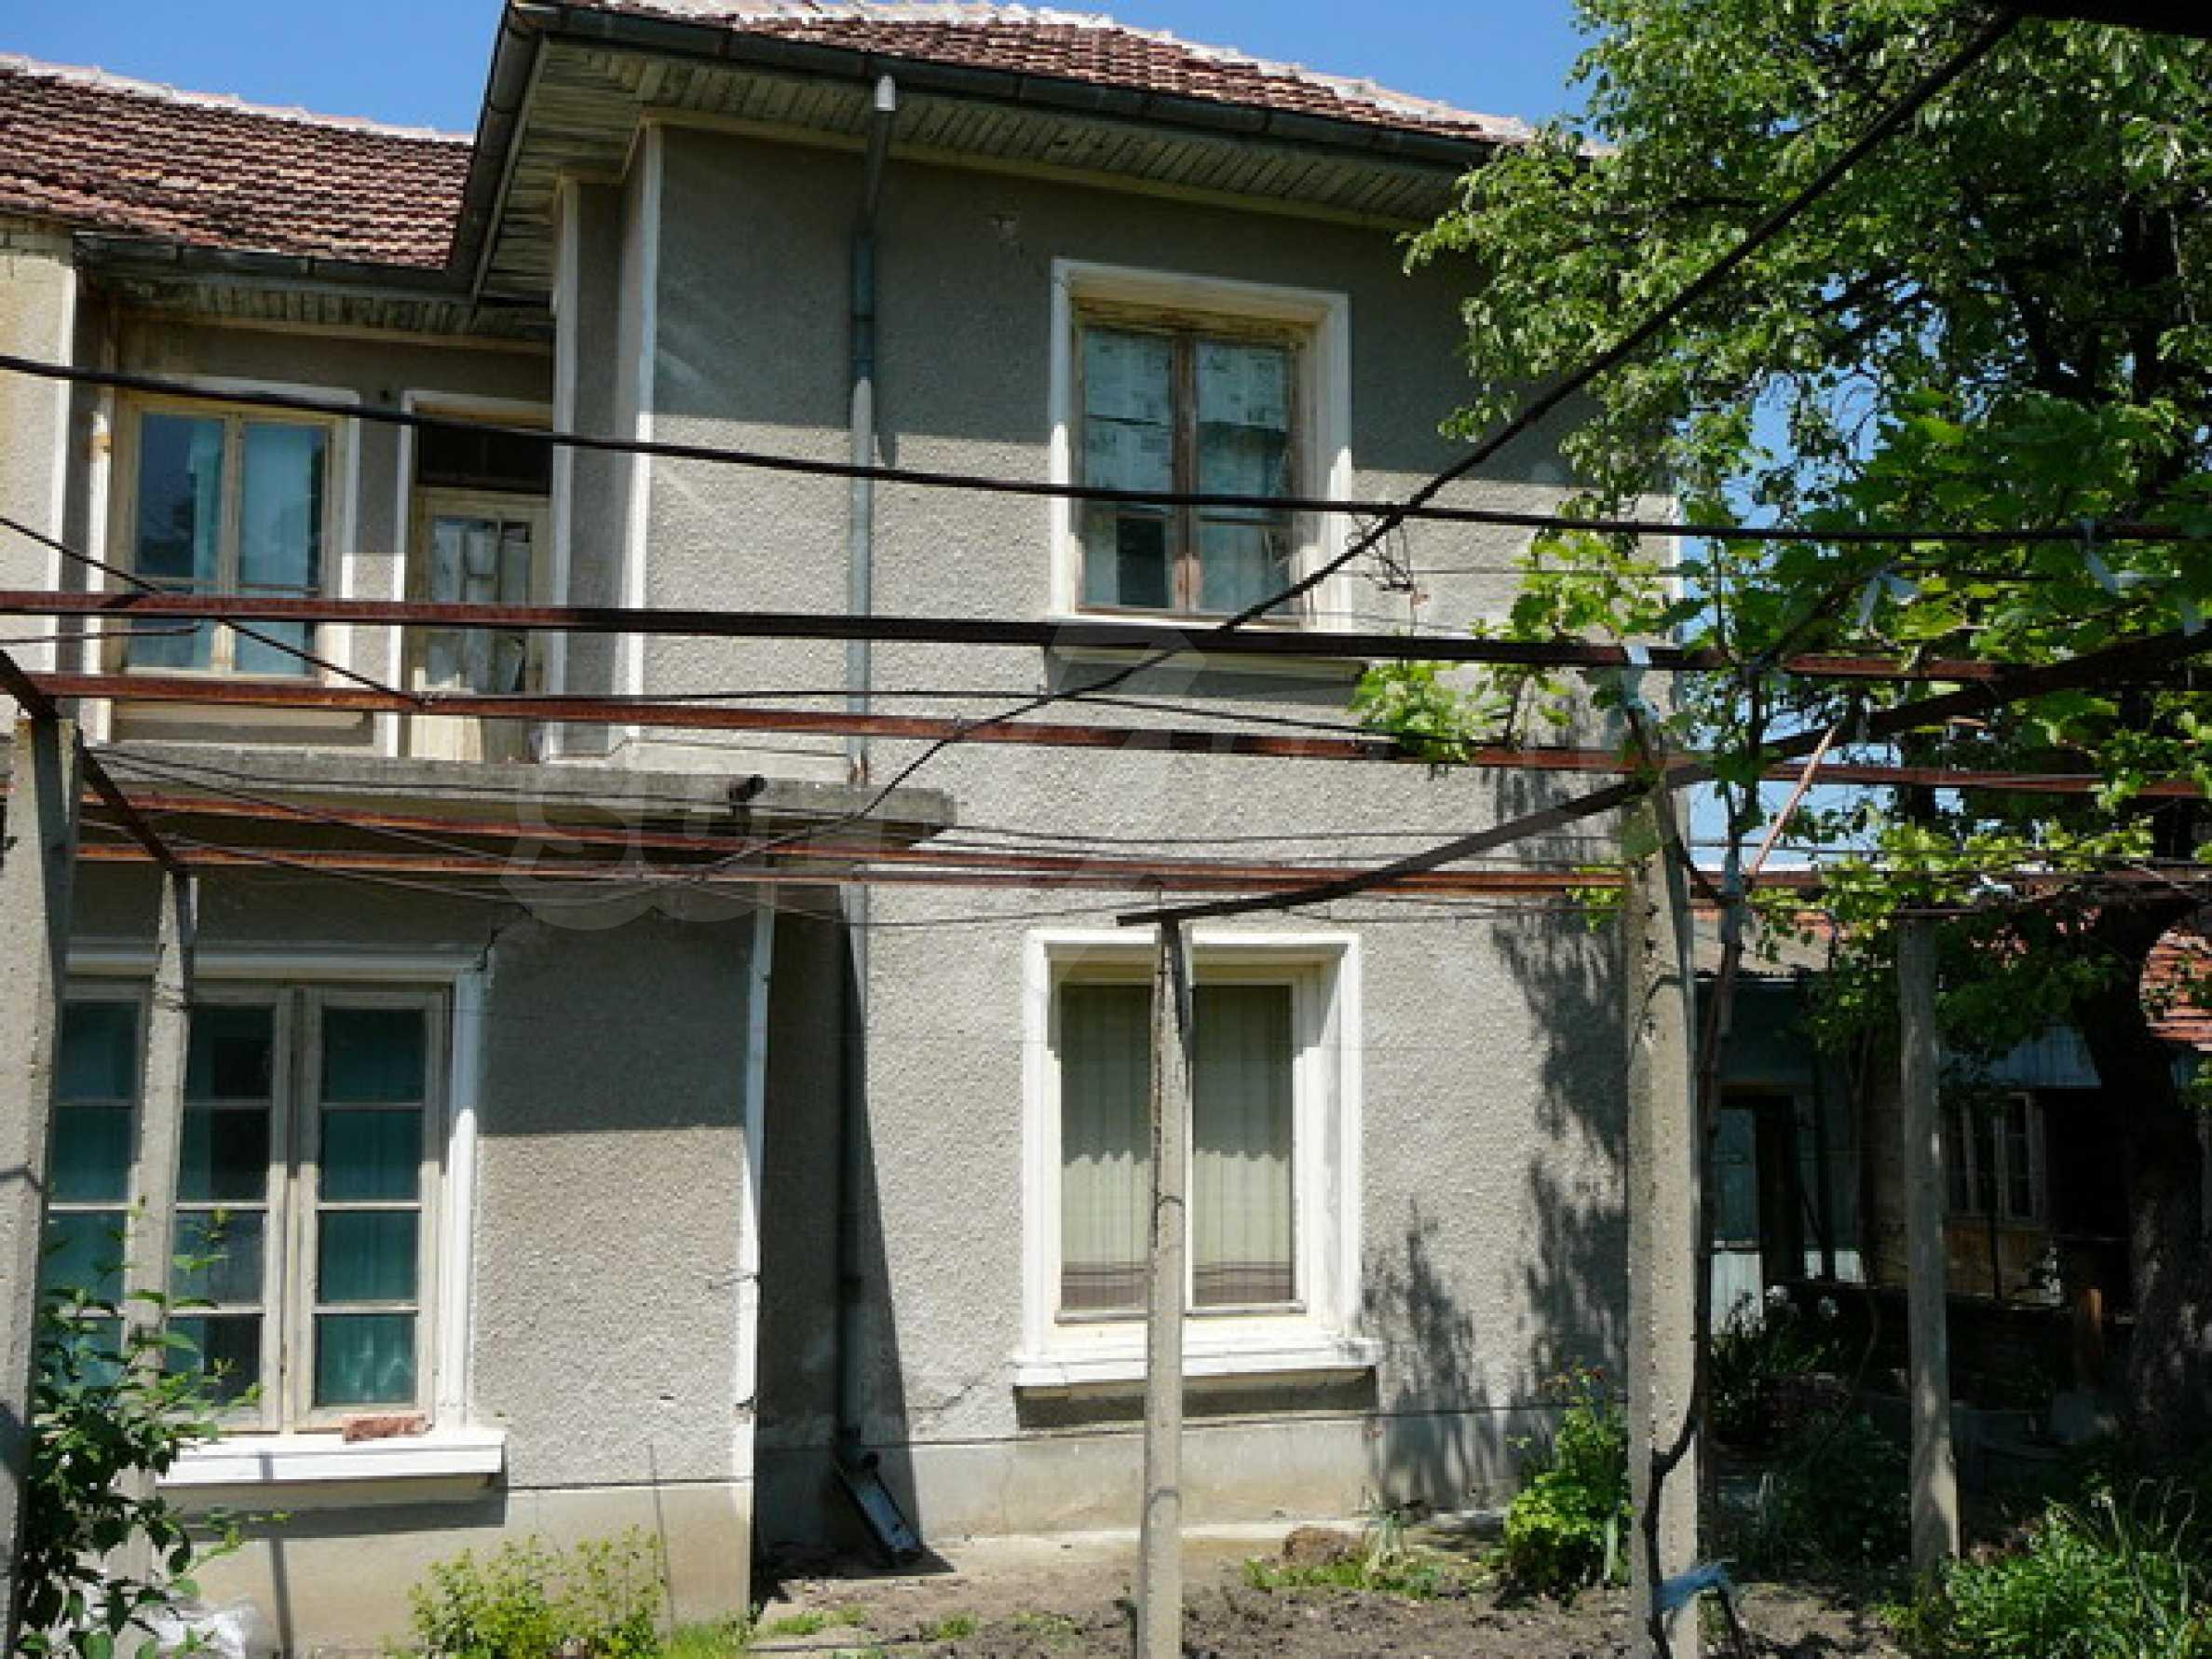 Къща за продажба близо до гр. Велико Търново 8